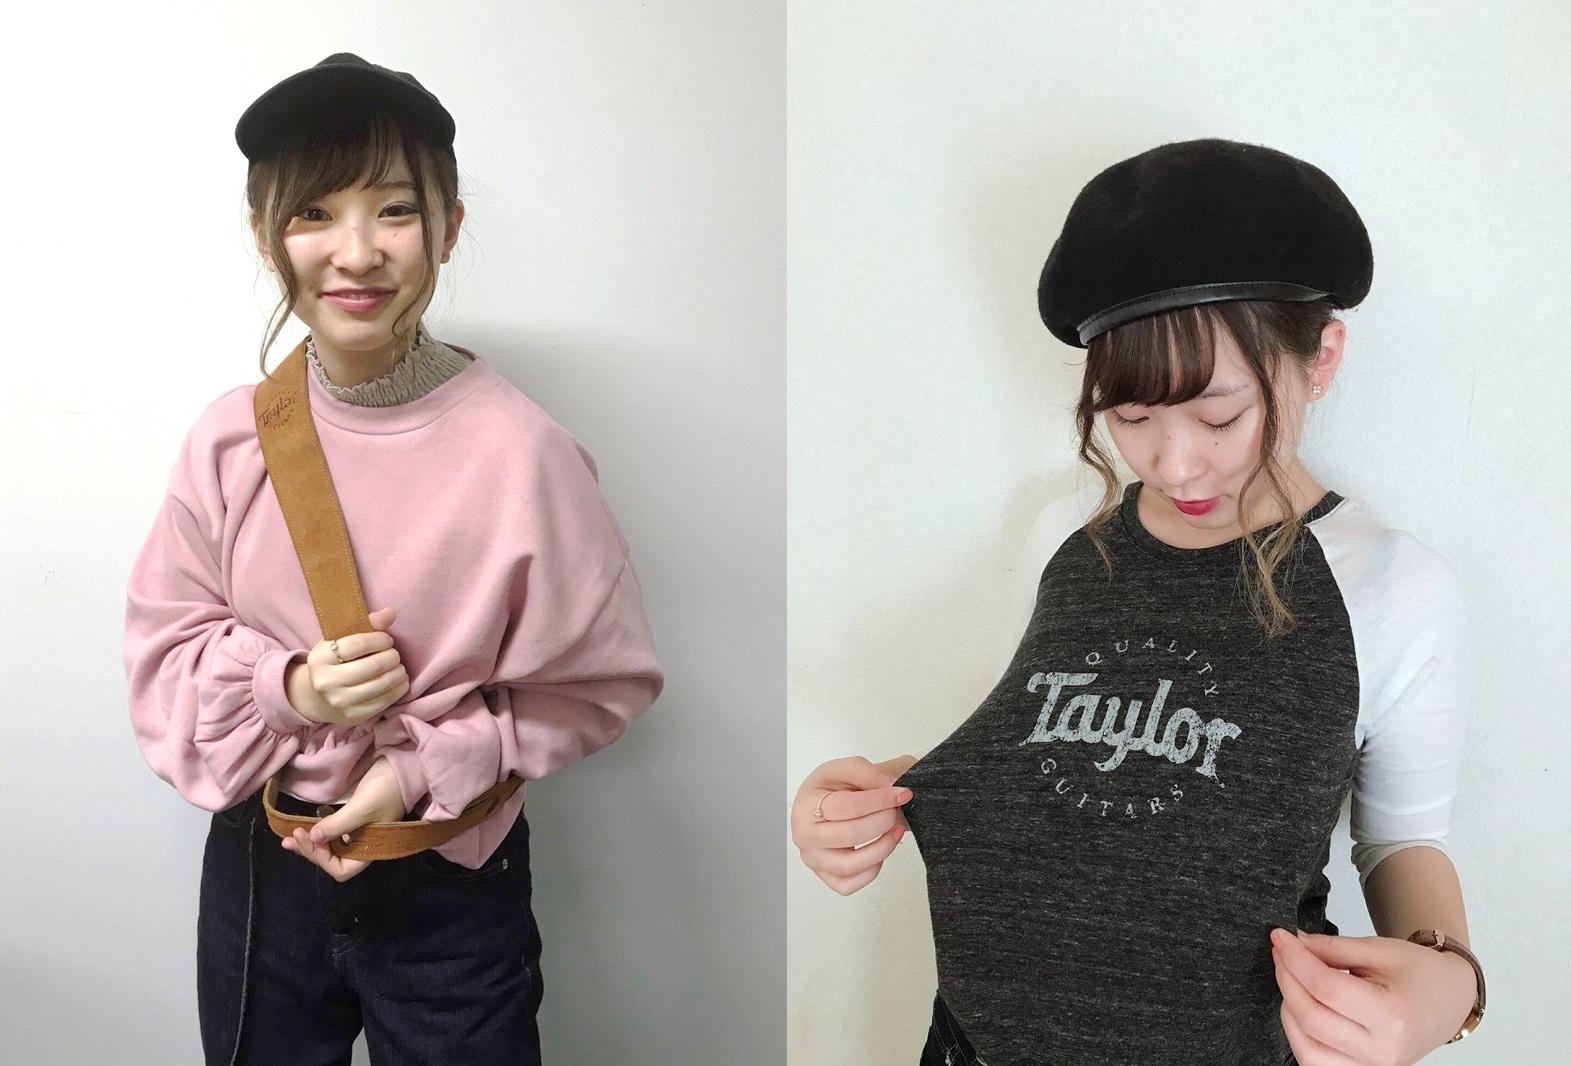 ストラップ+私物Tシャツ_.jpg